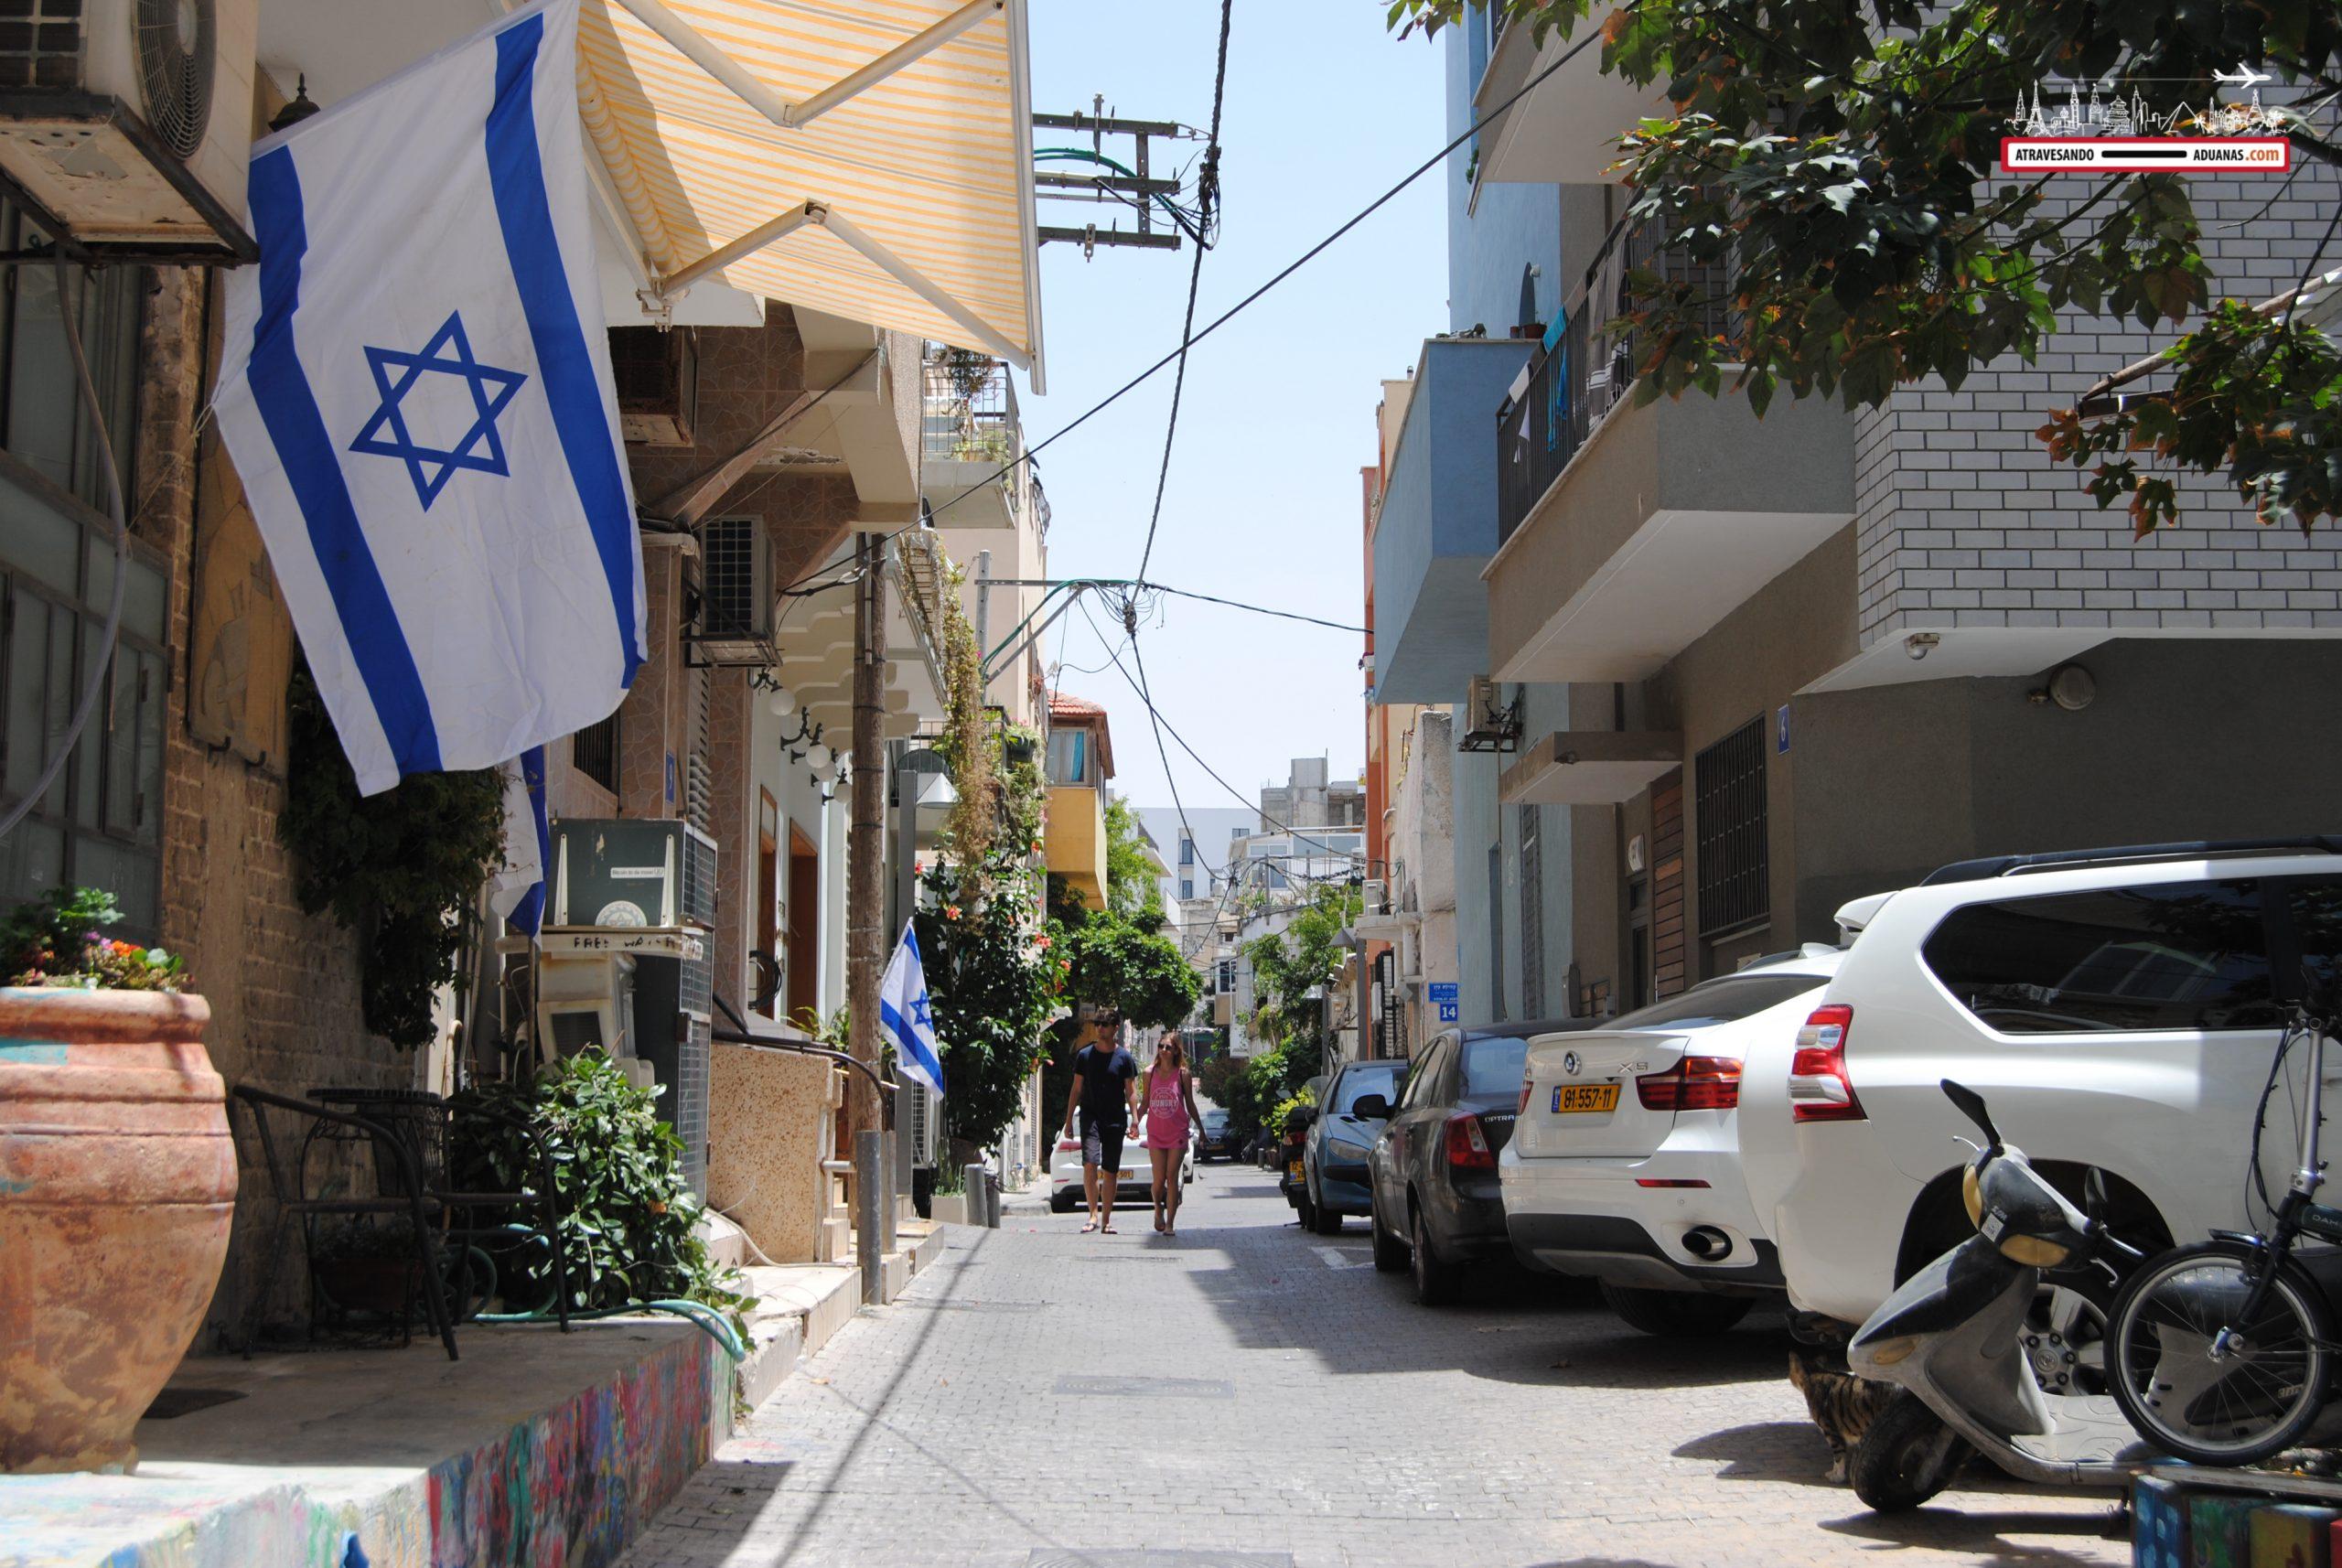 Bandera israelí en una calle de Tel Aviv